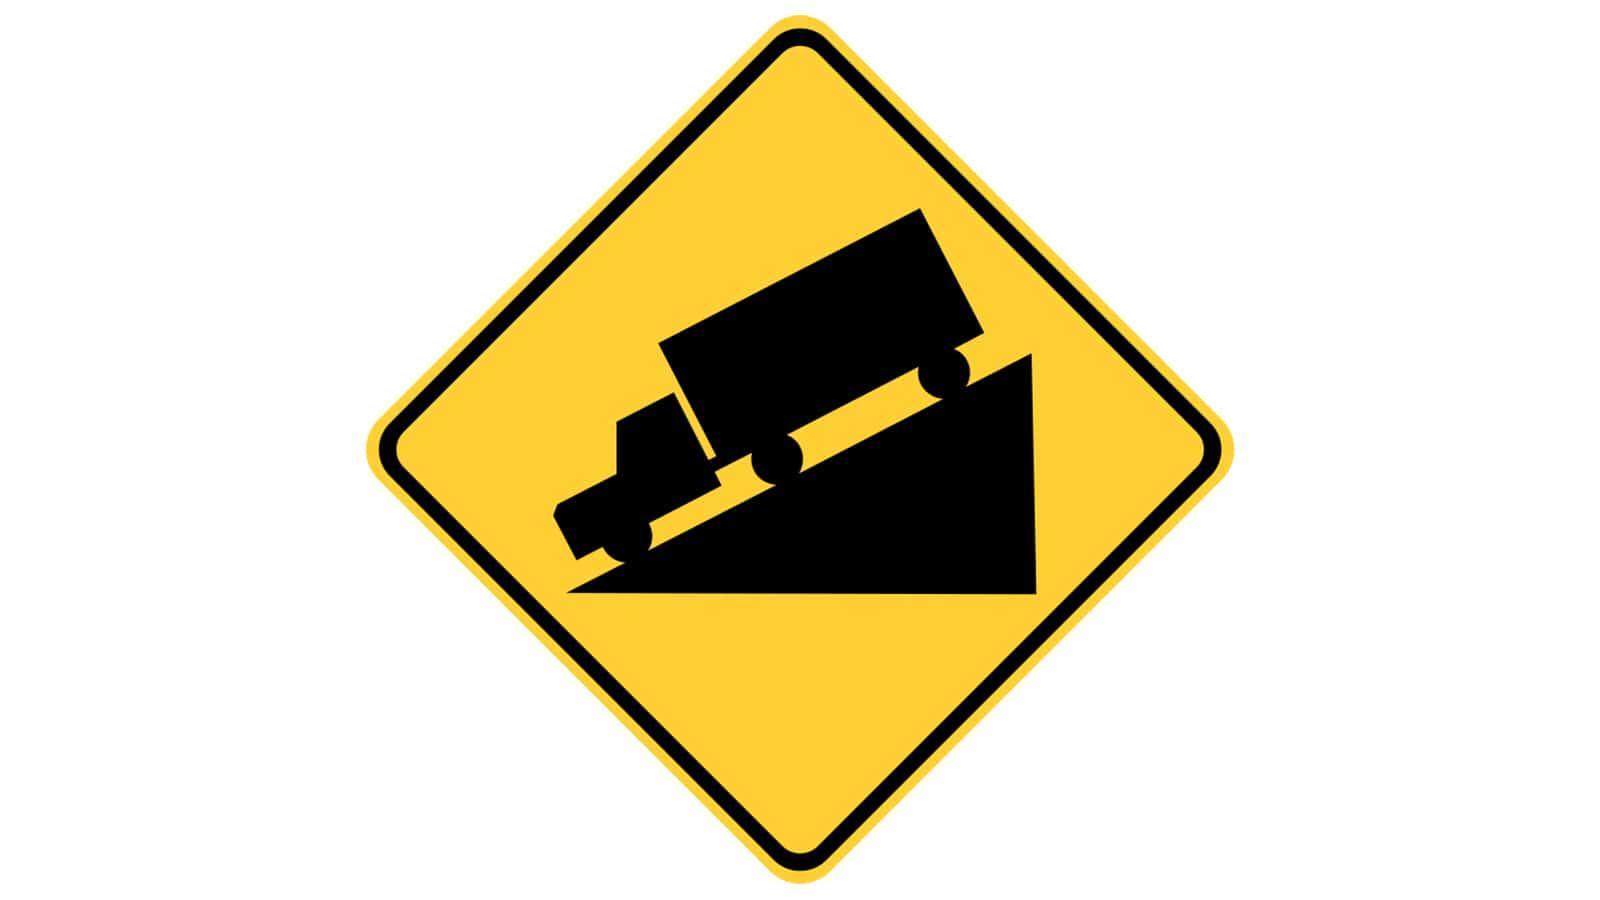 Warning sign Steep Grade/Hill